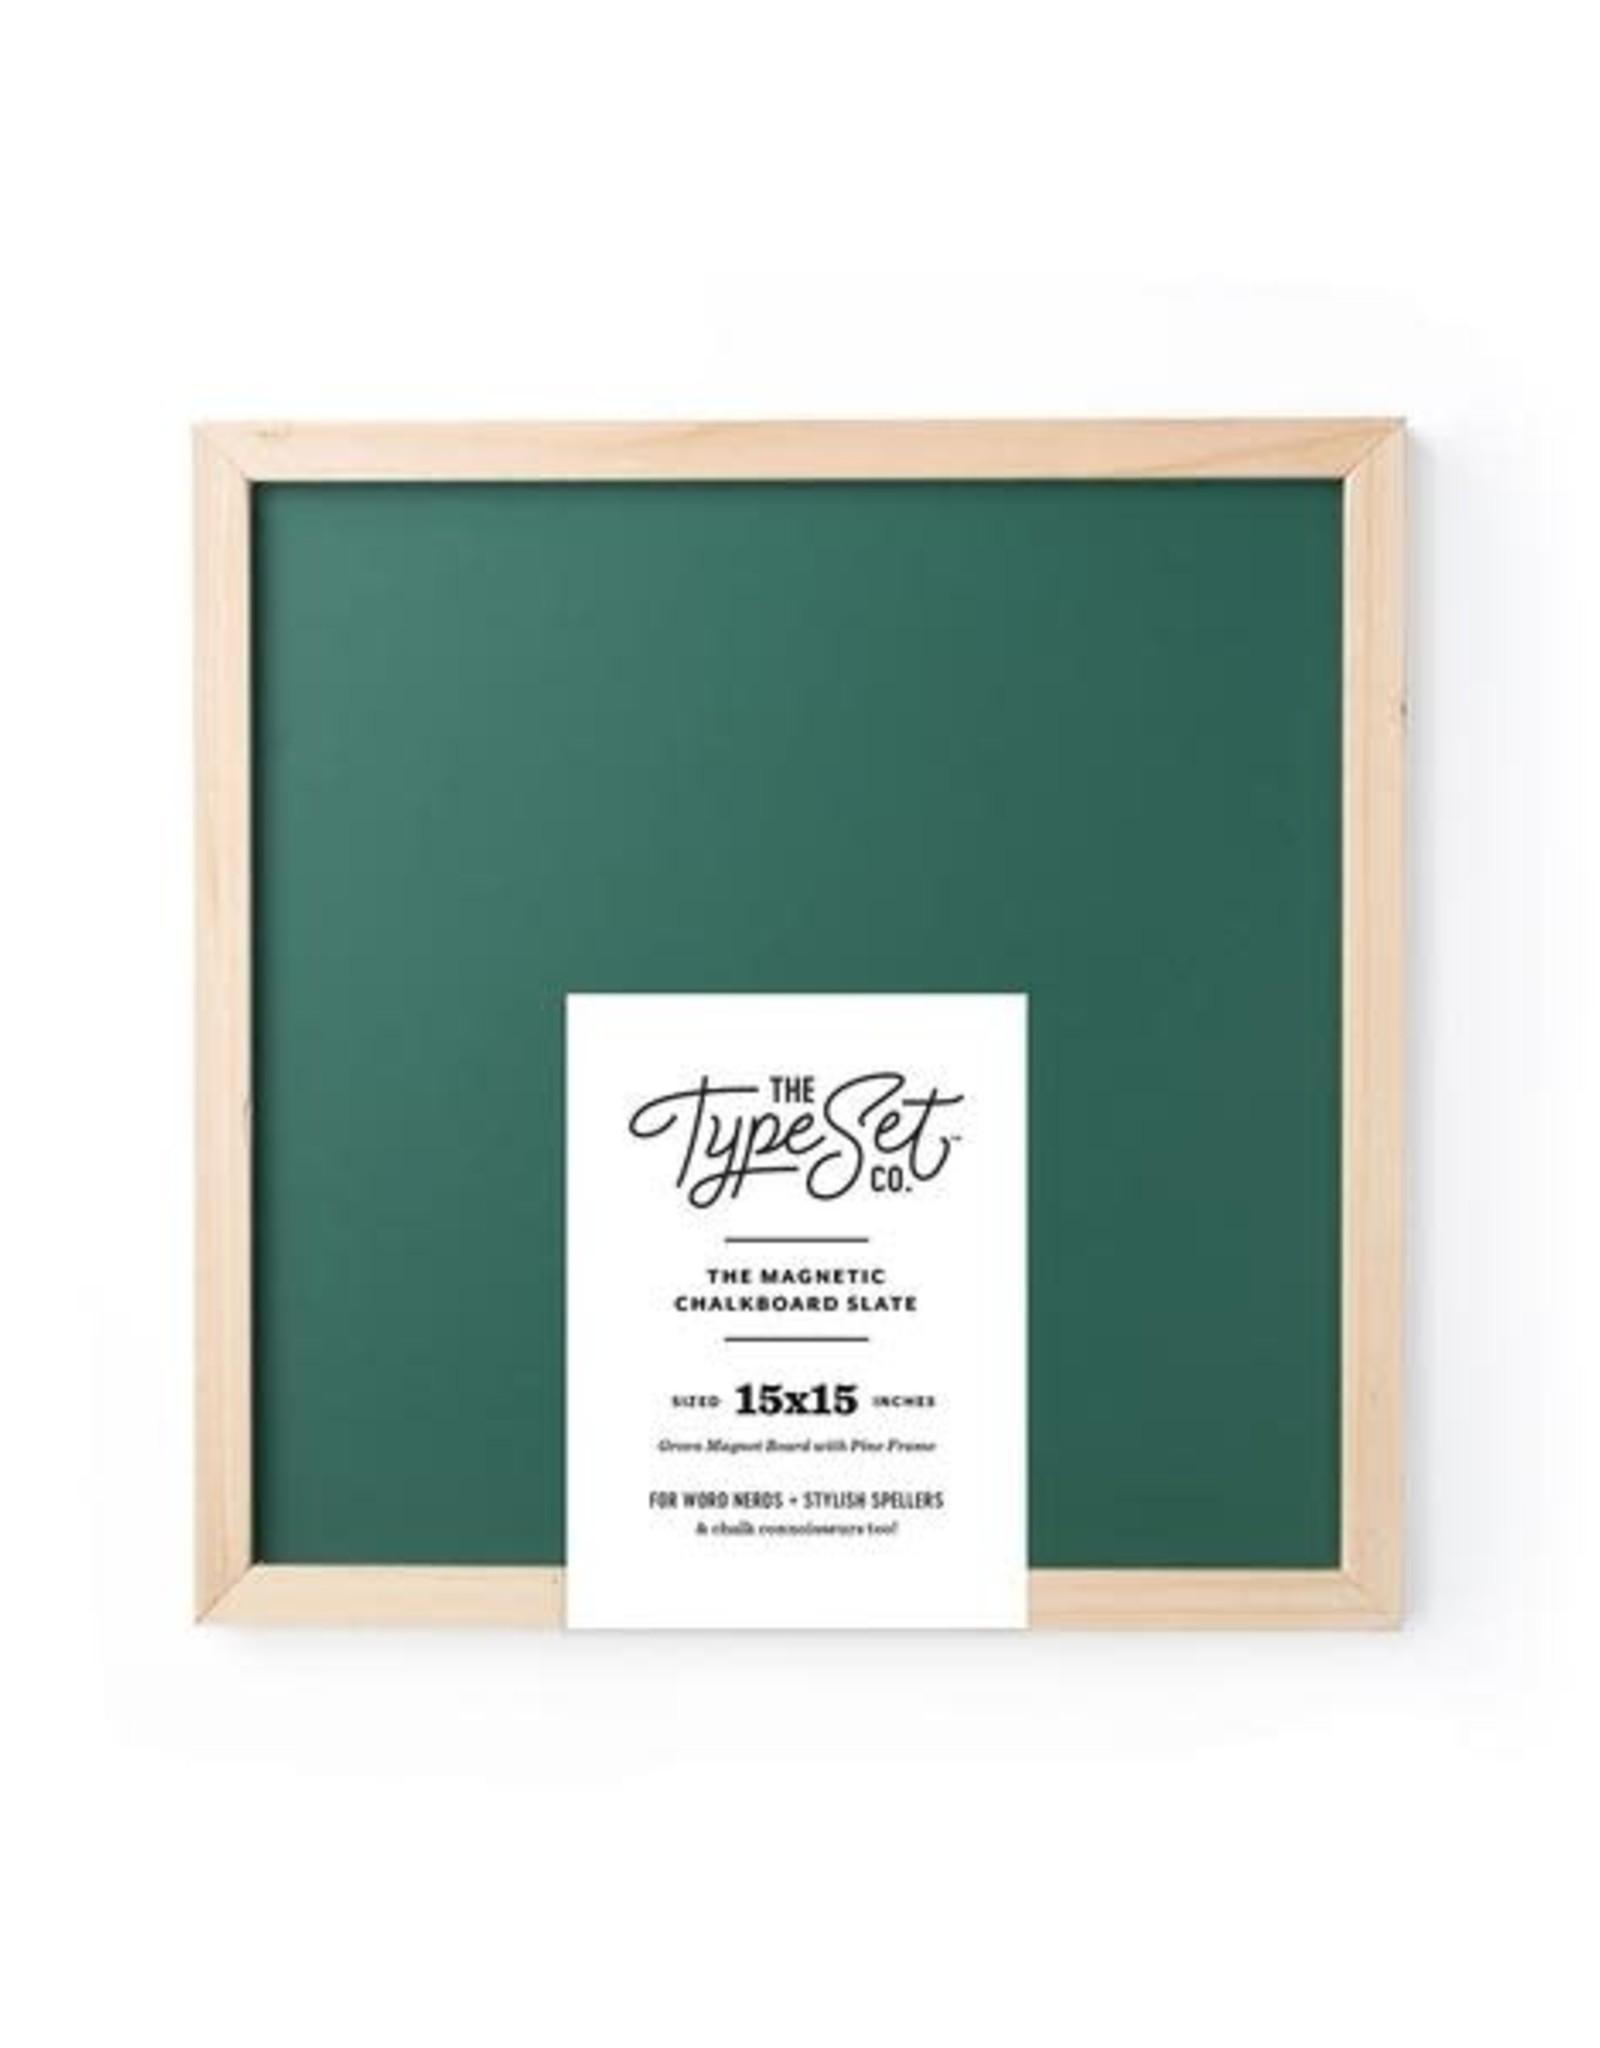 The Type Set Green chalkboard